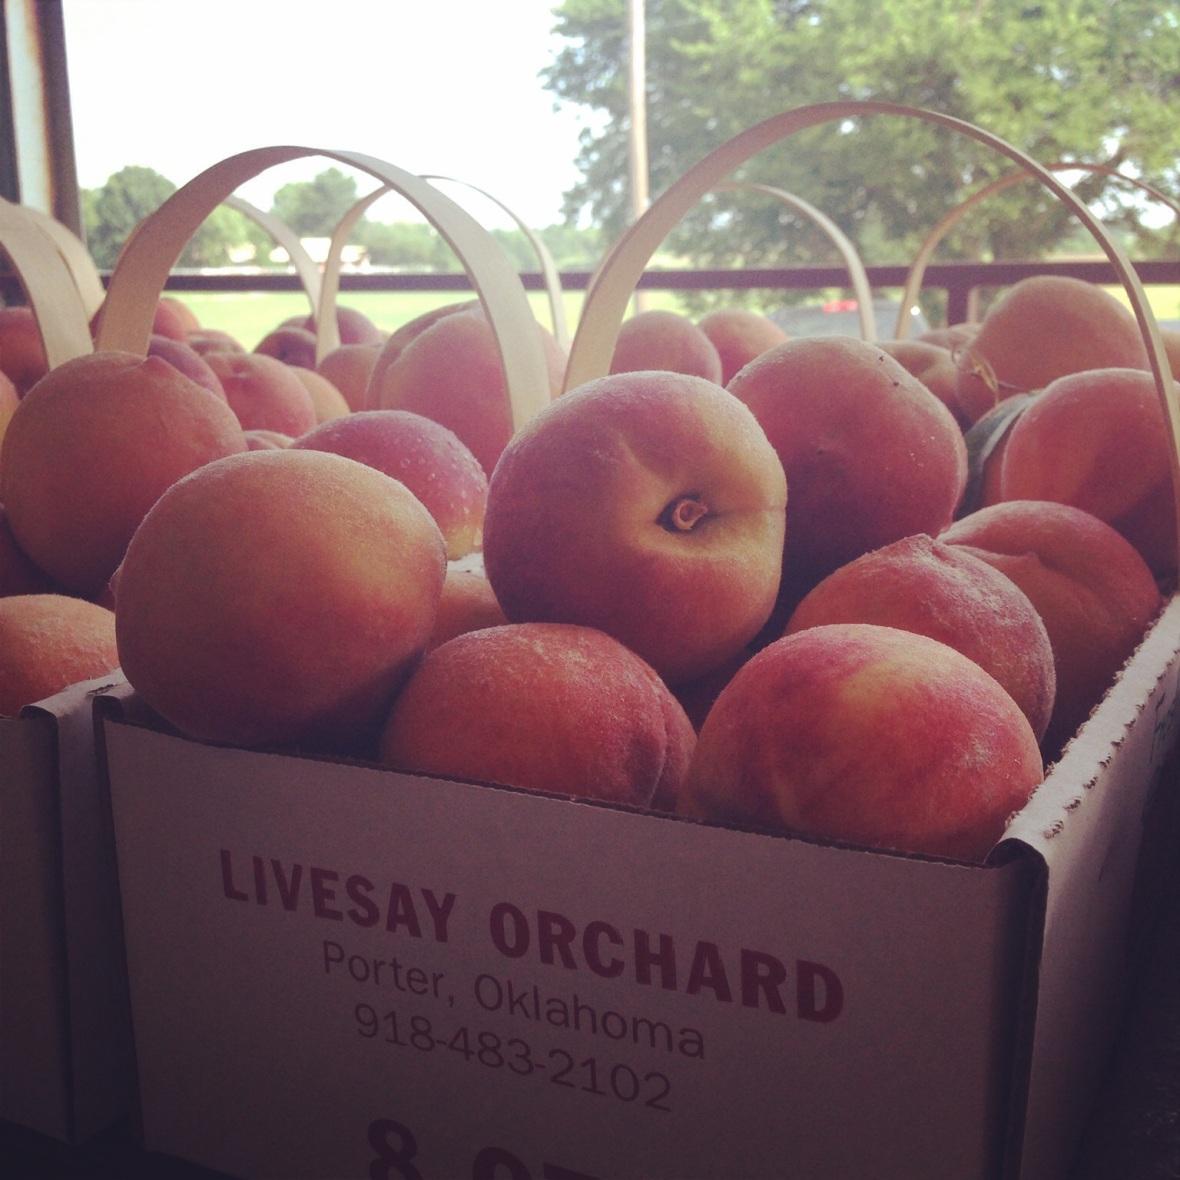 Livesay Orchard